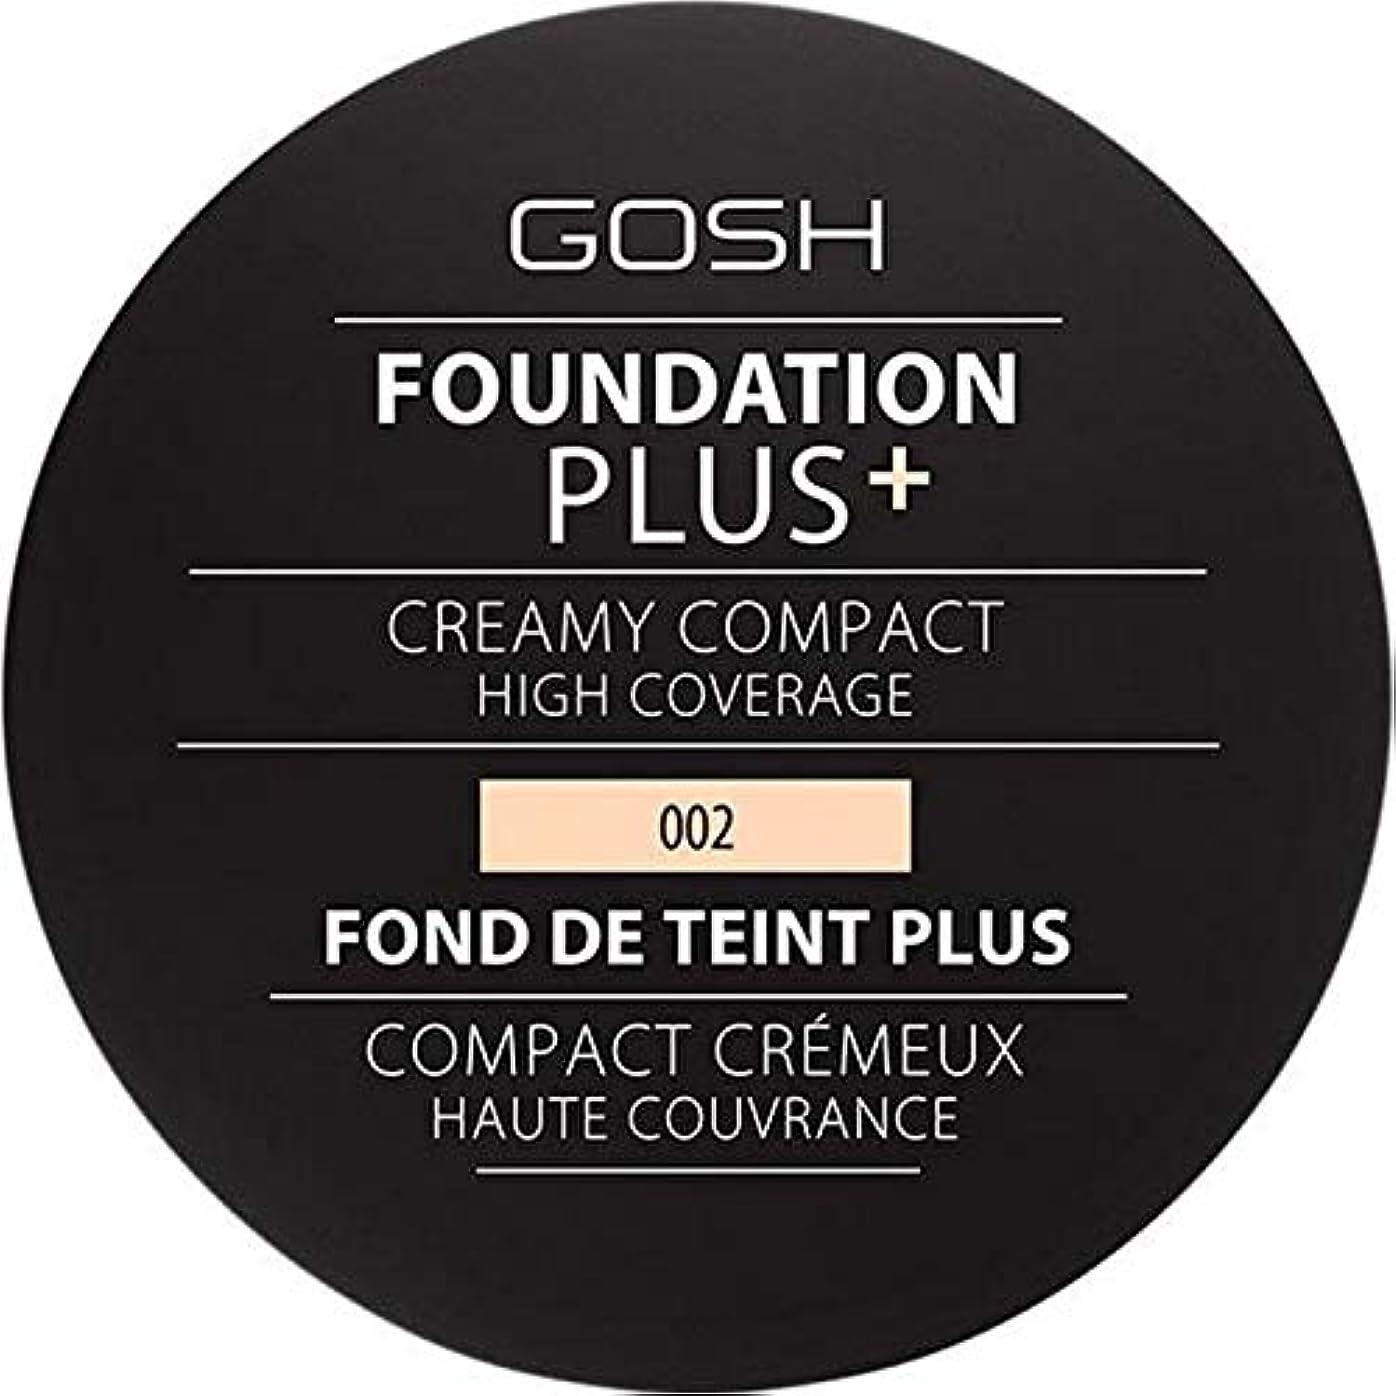 過敏な天文学創傷[GOSH ] 基礎プラス+クリーミーコンパクトアイボリー002 - Foundation Plus+ Creamy Compact Ivory 002 [並行輸入品]